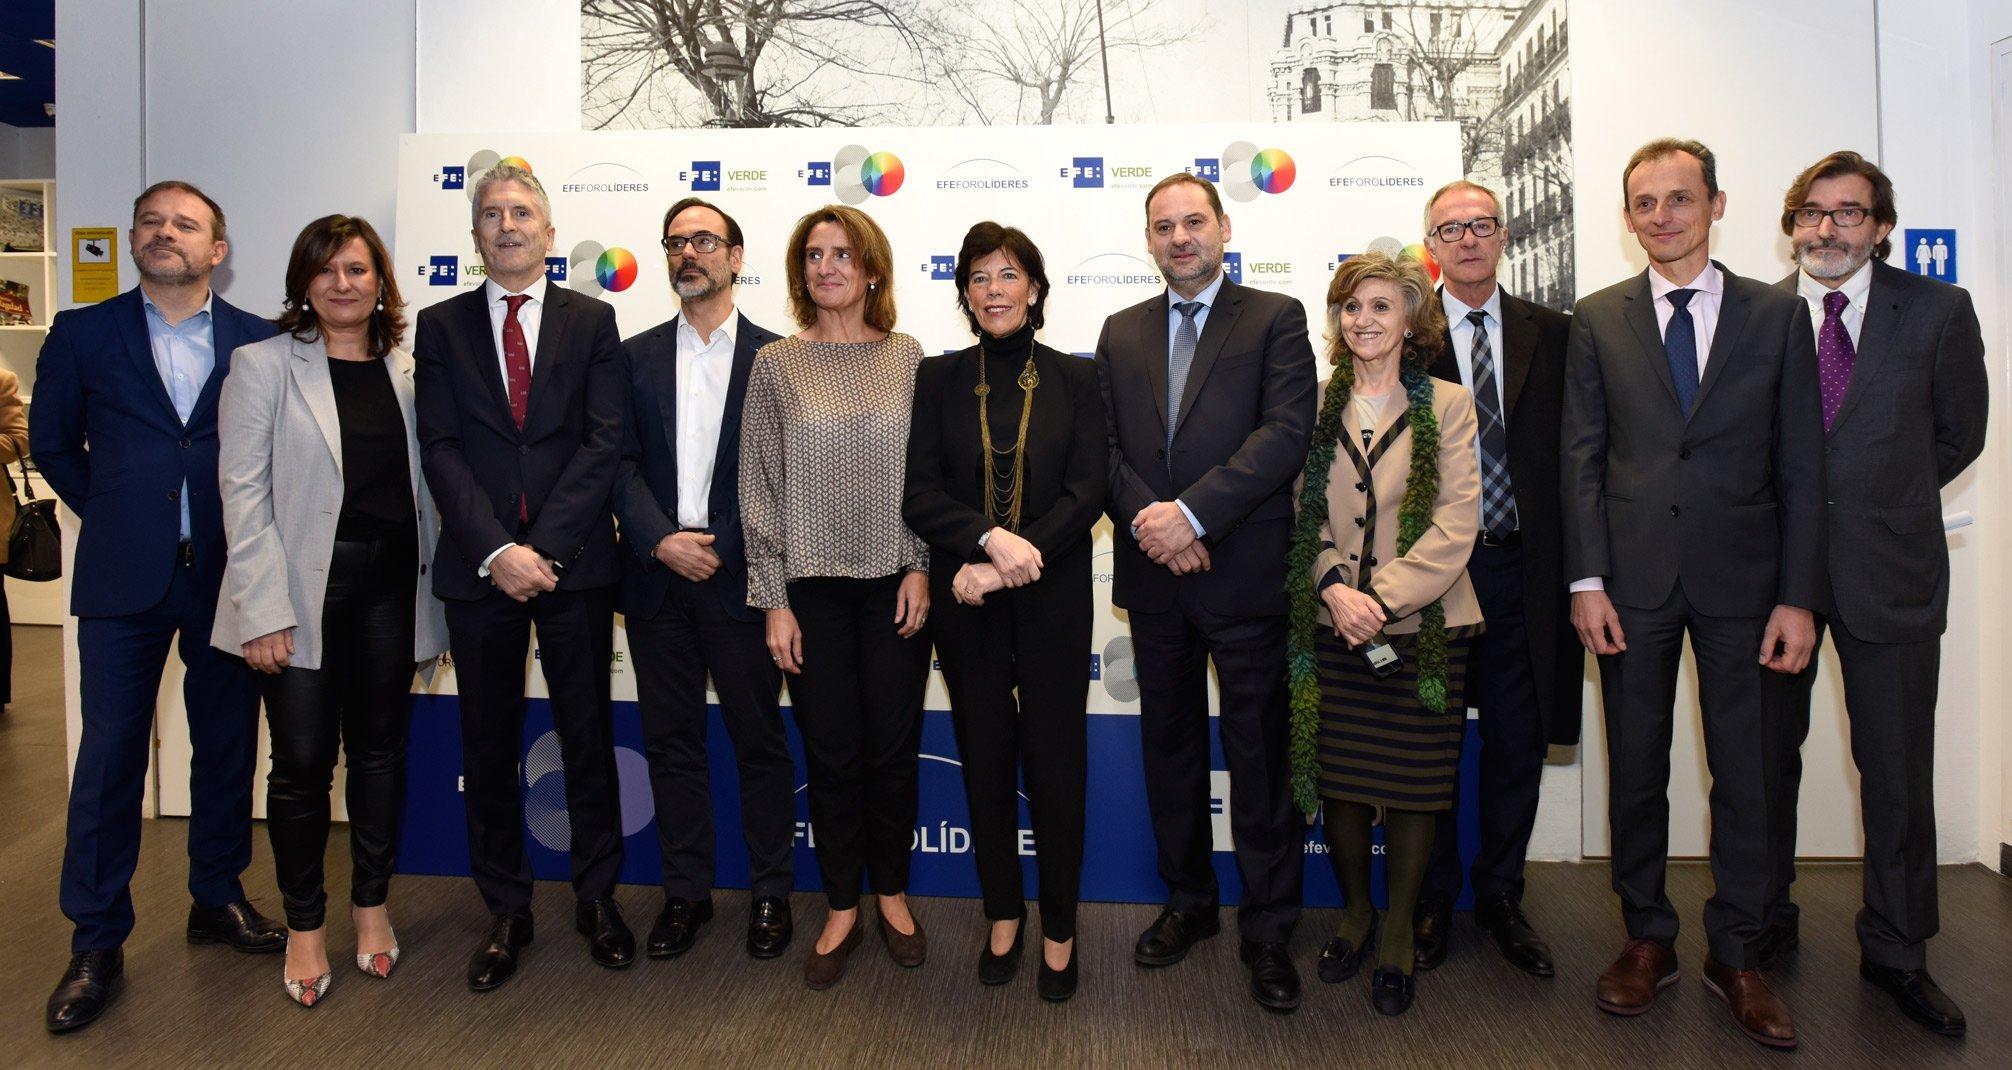 RIBERA AGRADECE LA PRESENCIA DE GRETA THUNBERG EN MADRID Y FIJA LA HOJA DE RUTA PARA LA NEUTRALIDAD CLIMÁTICA EN 2050